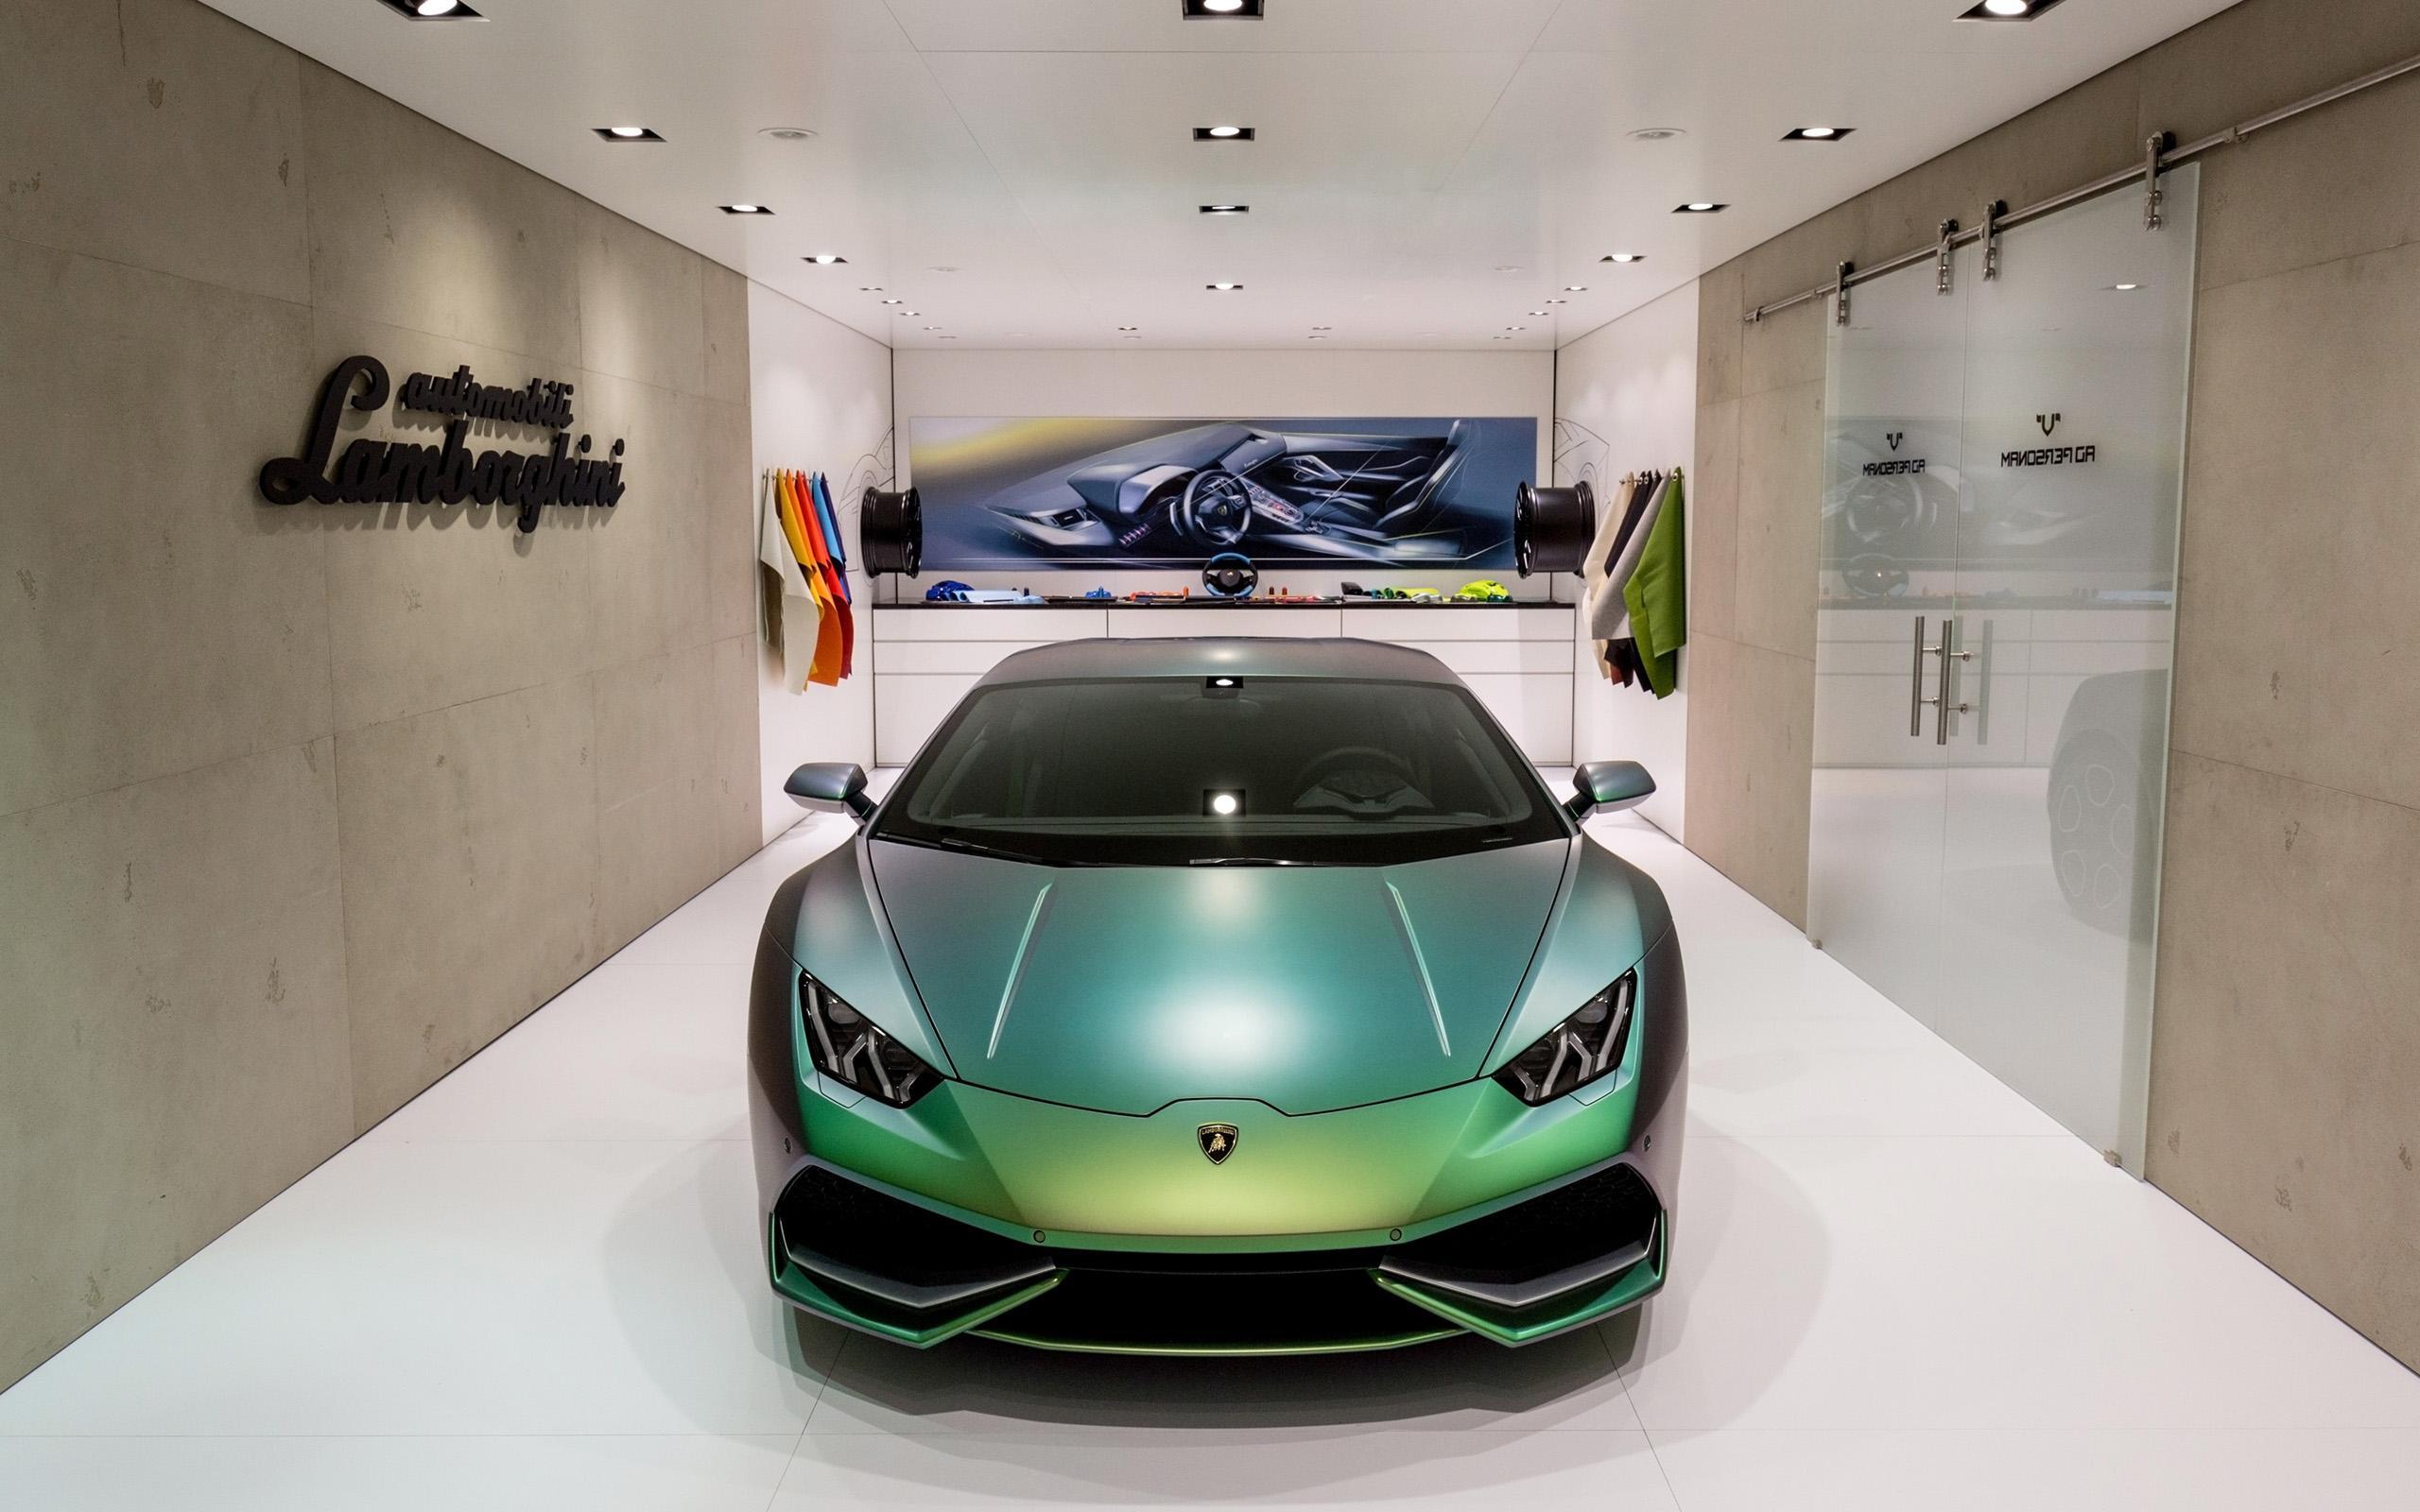 Lamborghini Huracan Wallpaper Iphone Lamborghini Huracan